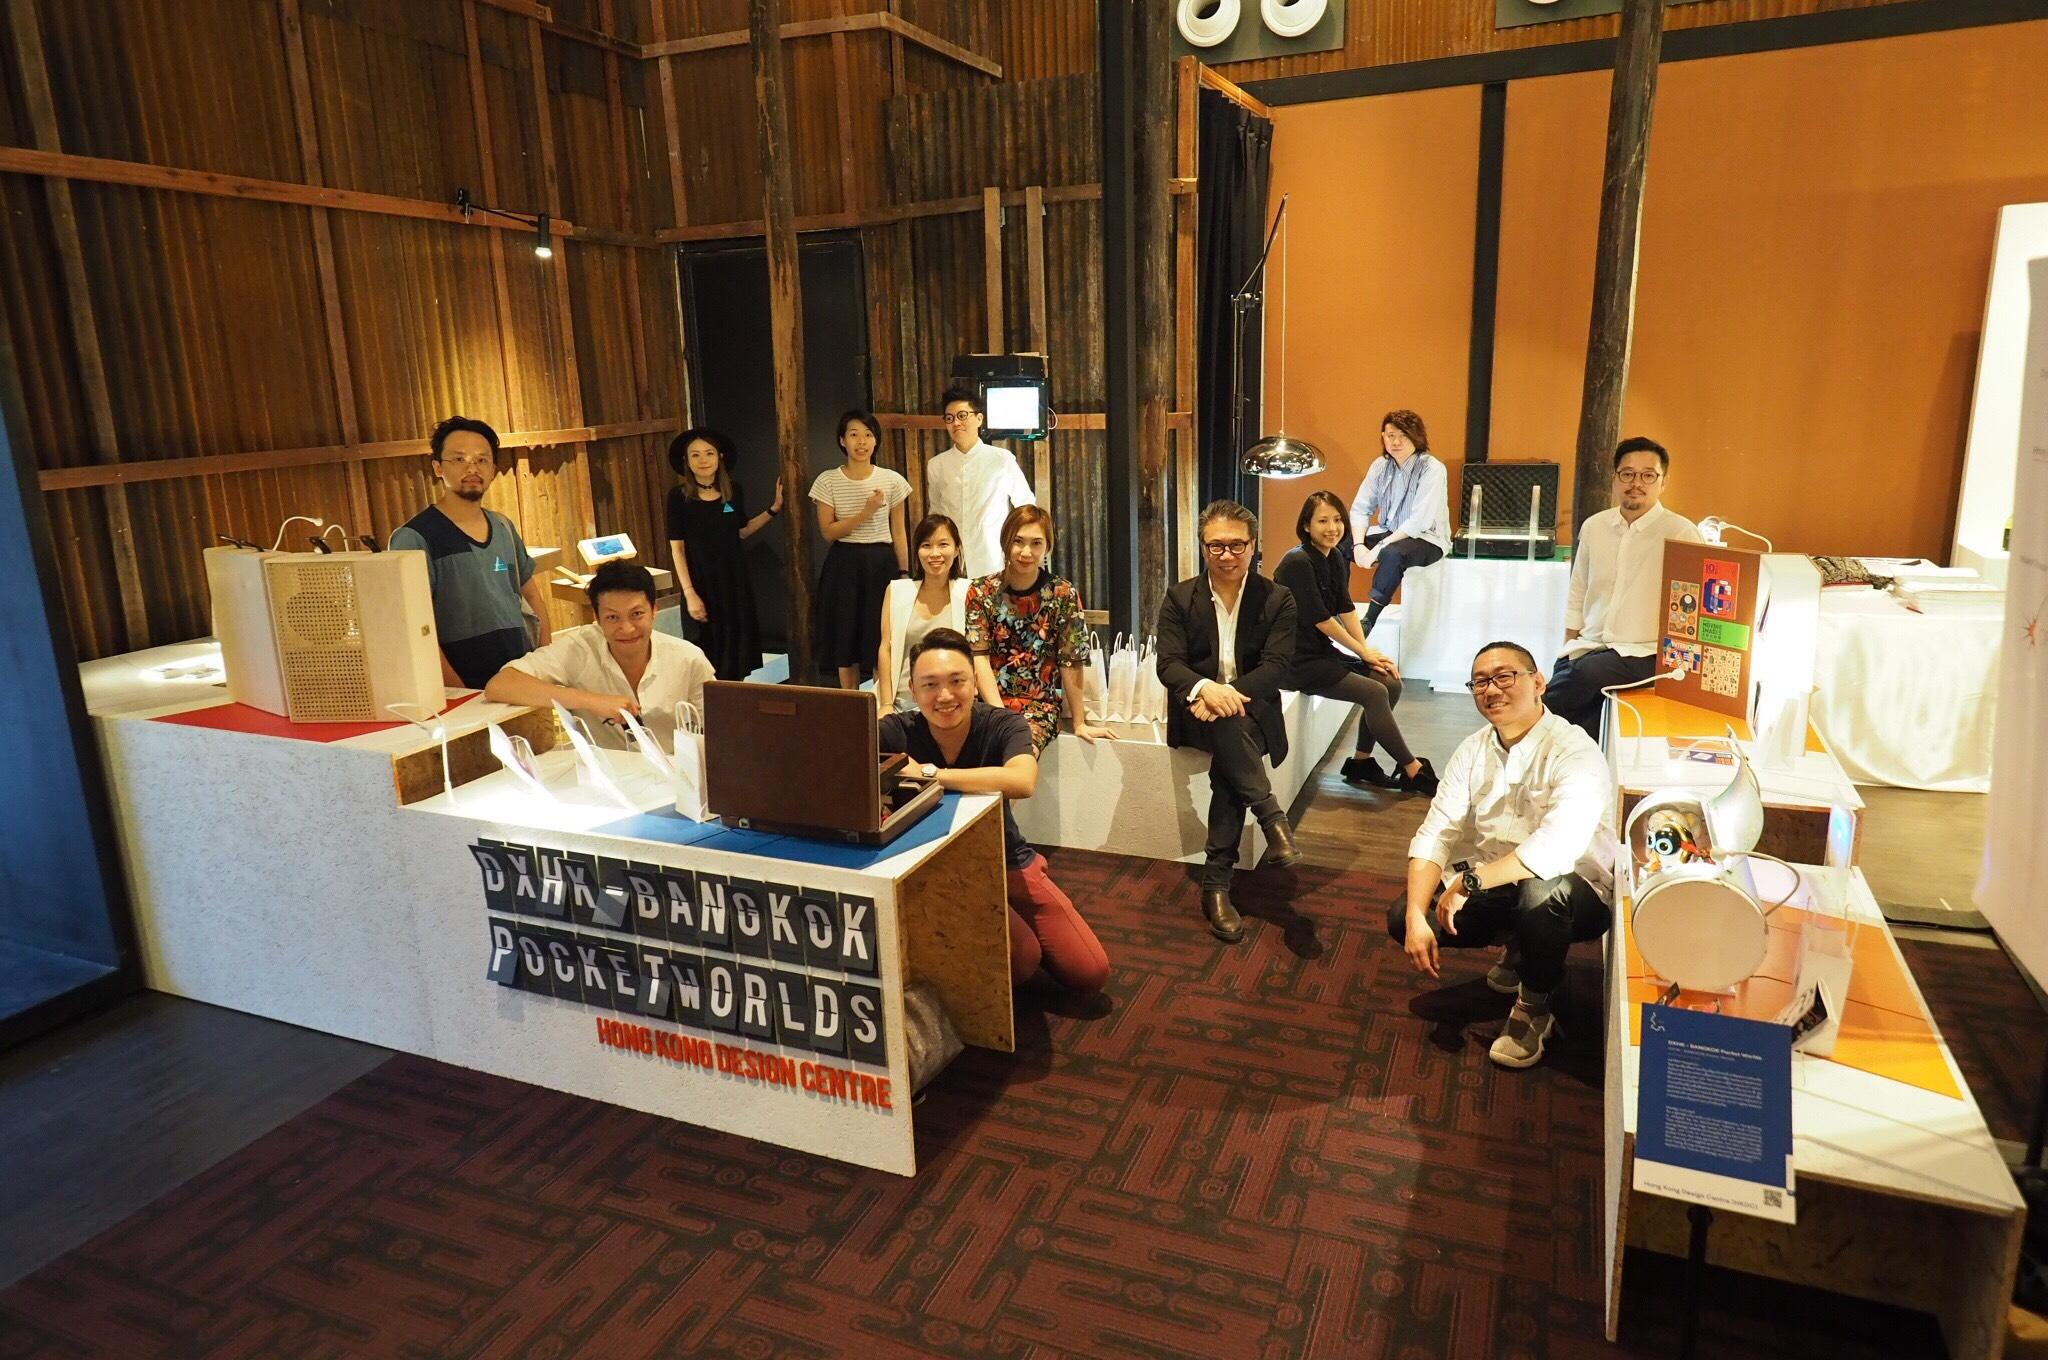 ศ.เอริค ยิม (กลาง) ประธานศูนย์ออกแบบฮ่องกง และนักออกแบบที่นิทรรศการ DXHK-BANGKOK Pocket Worlds (1)